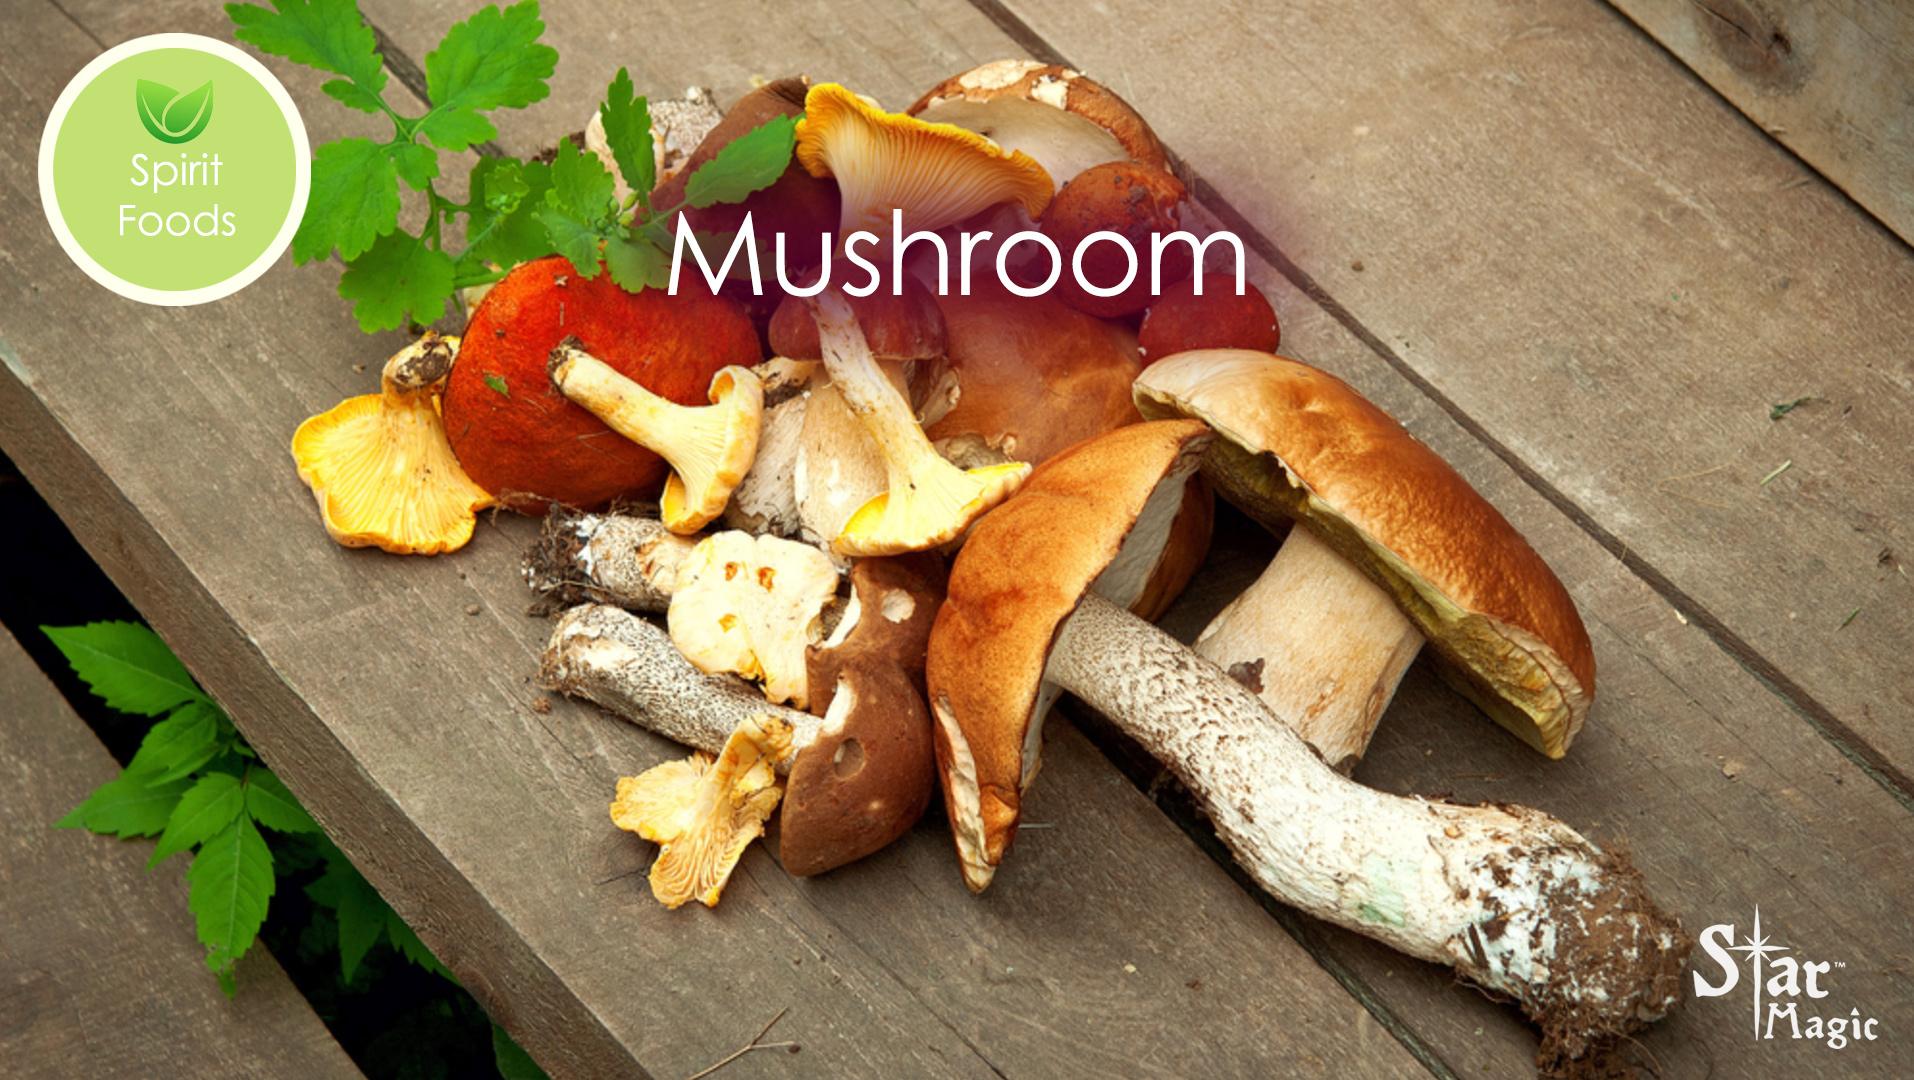 Spirit Food – Mushroom